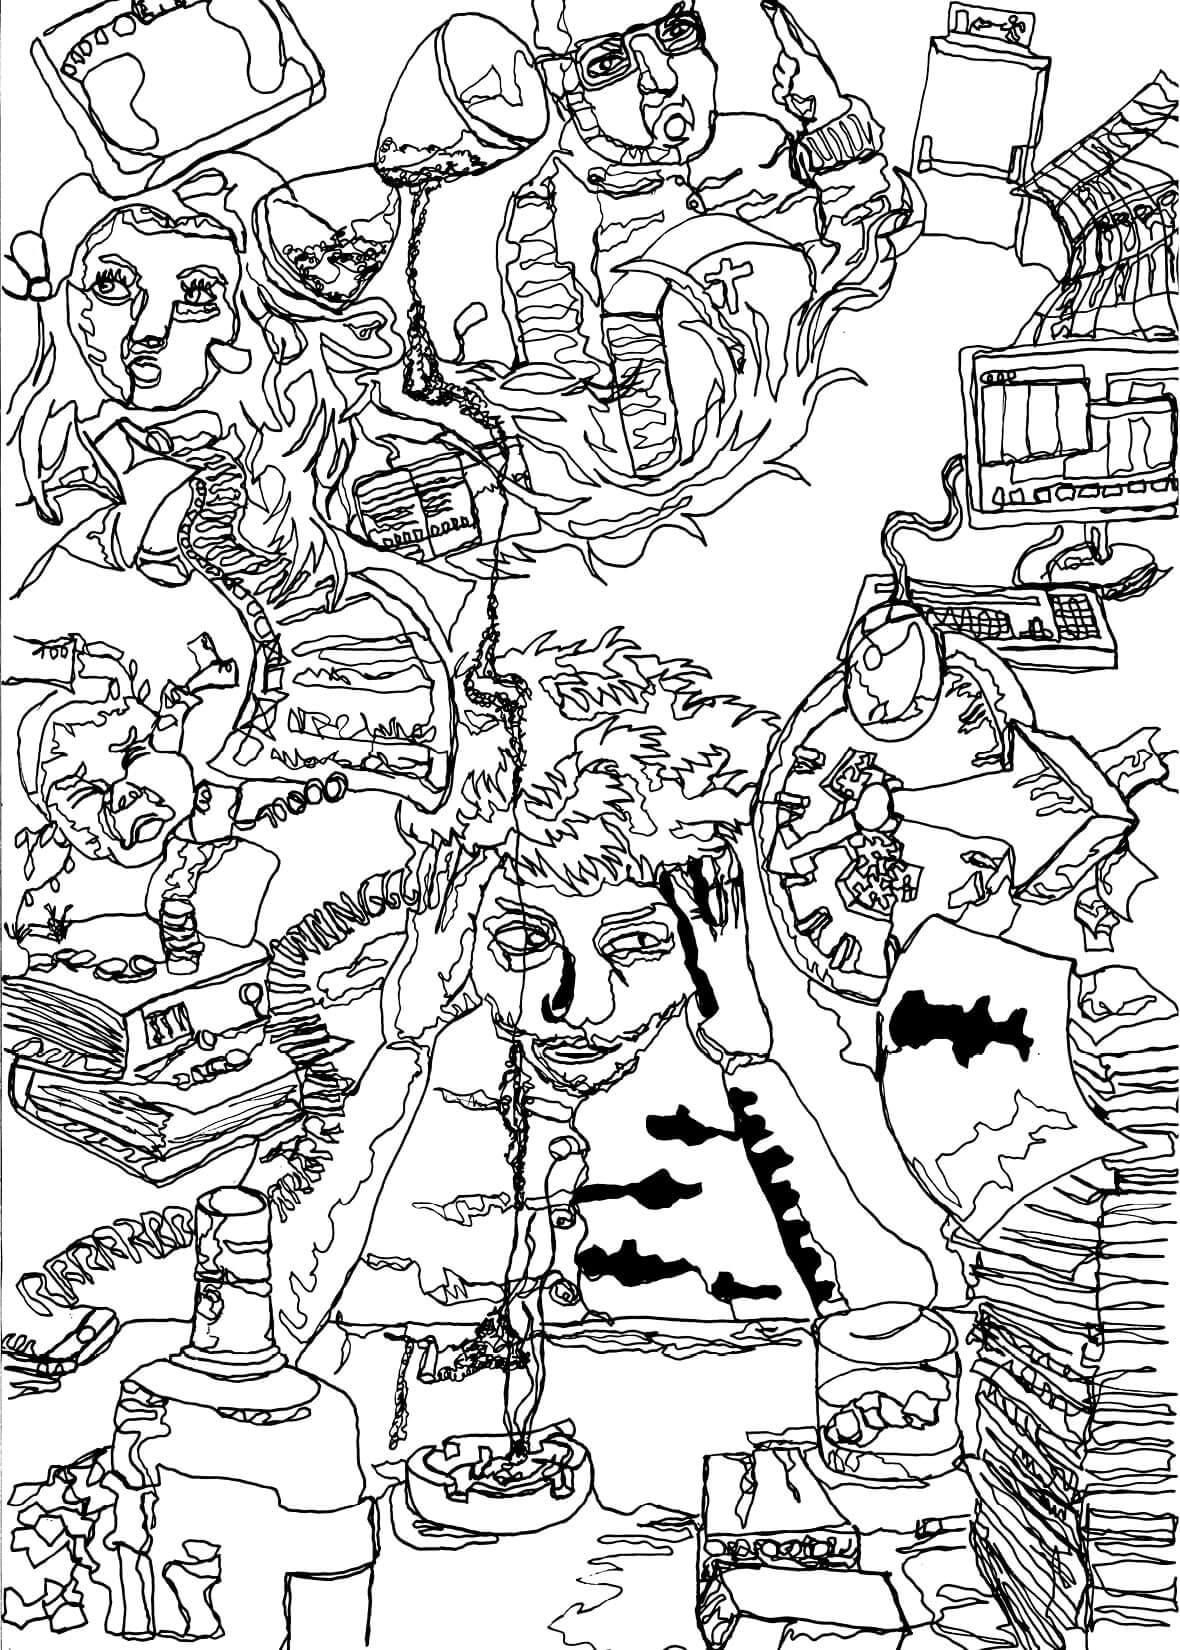 illustration stressige situation schwarz weiss linear